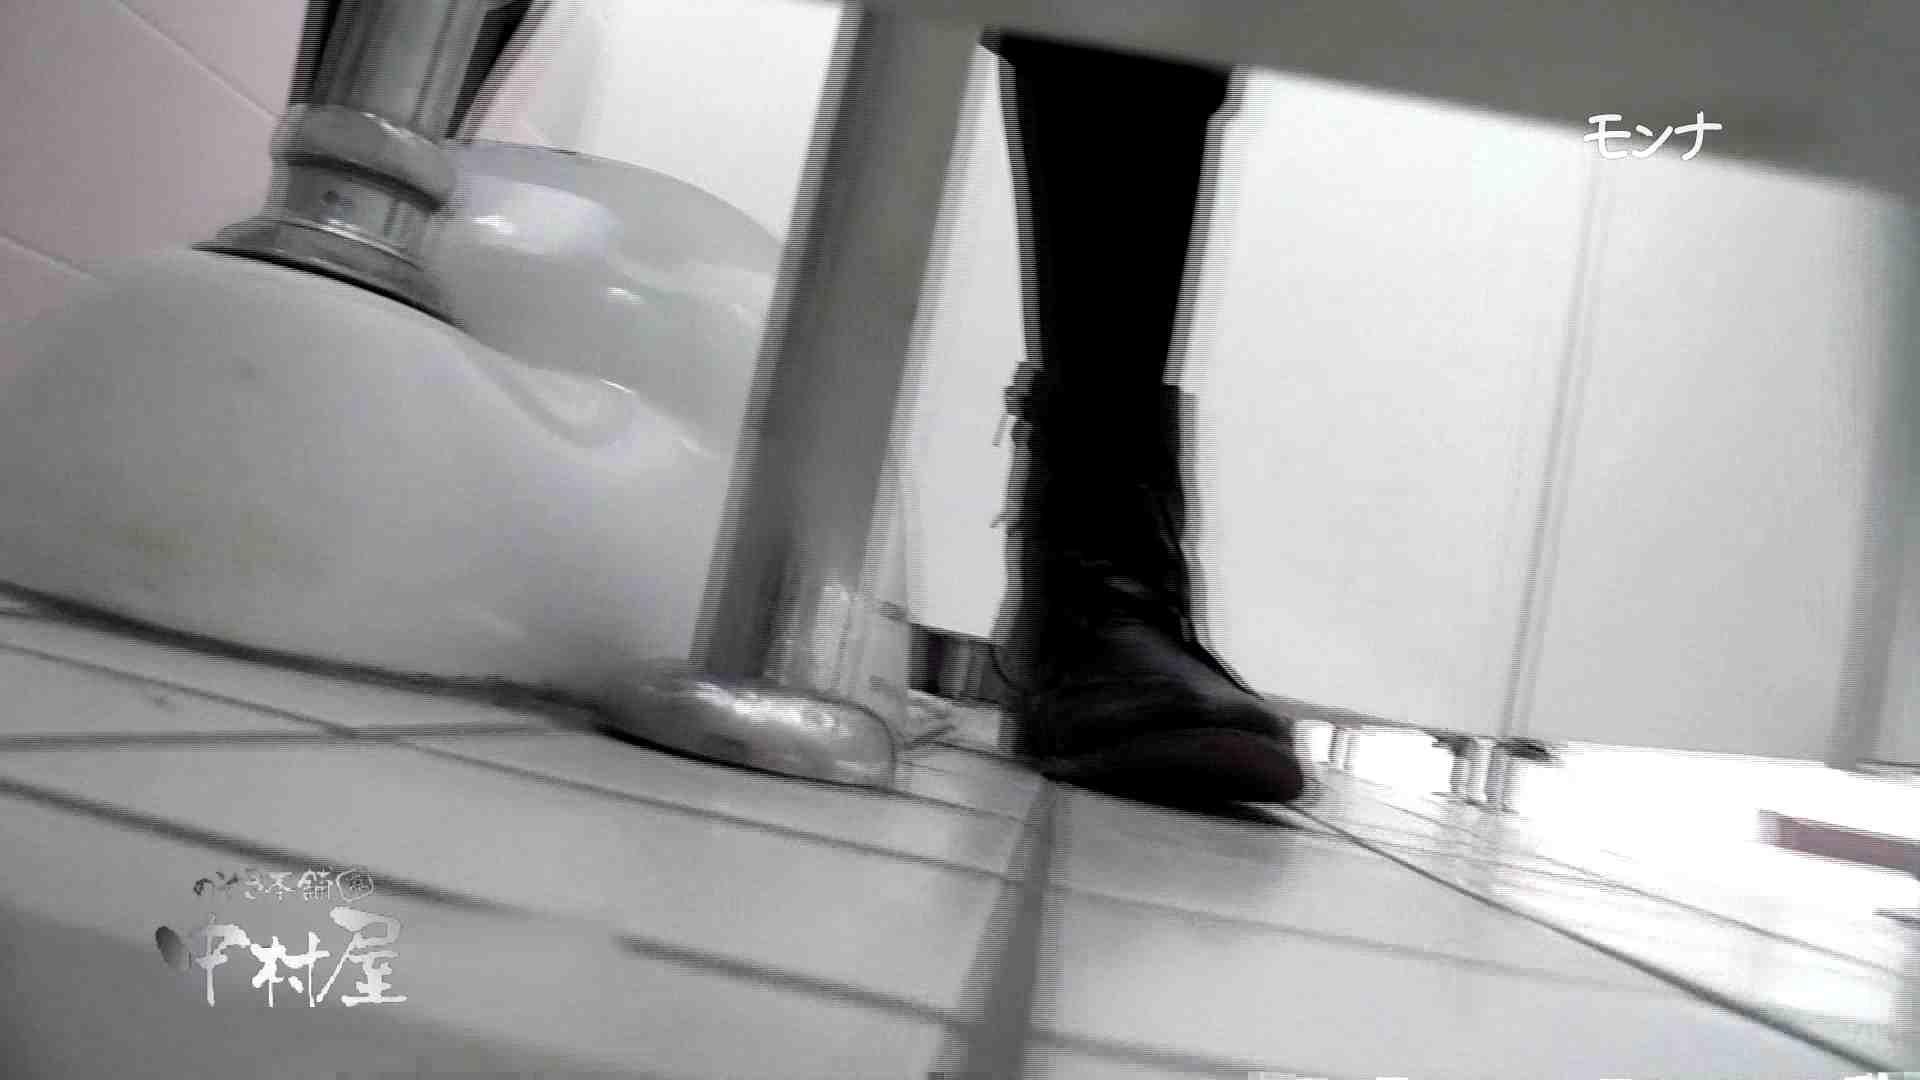 【美しい日本の未来】新学期!!下半身中心に攻めてます美女可愛い女子悪戯盗satuトイレ後編 悪戯 | 下半身  97pic 36